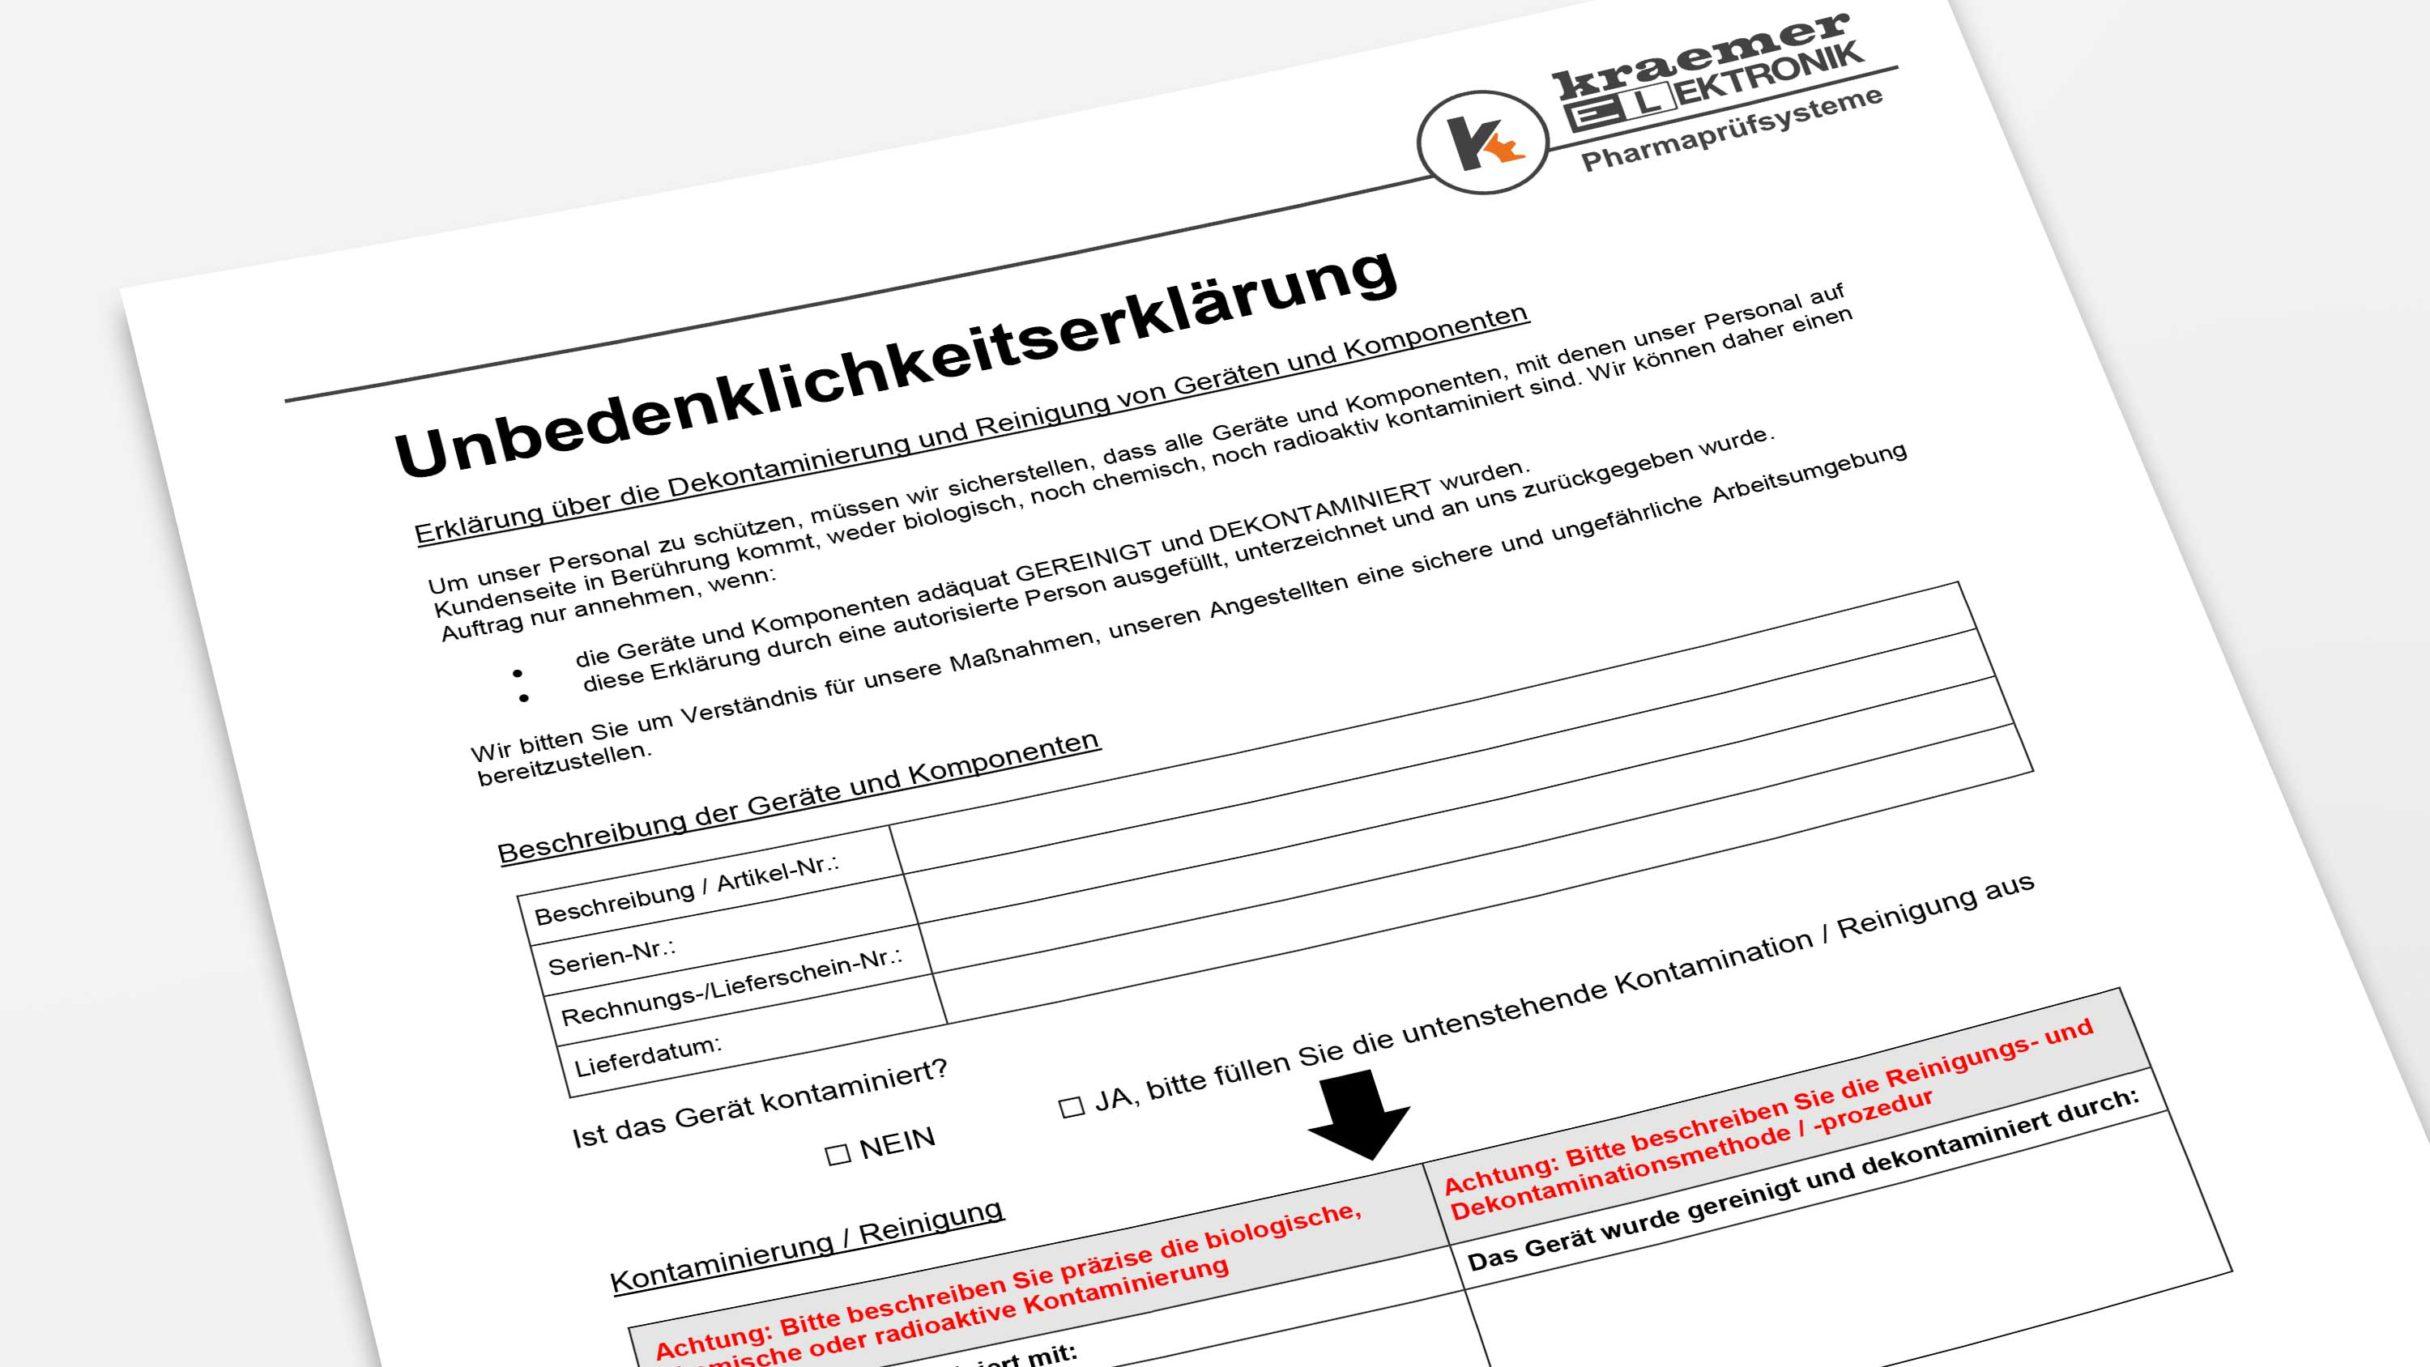 Unbedenklichkeitserklärung, Kraemer Elektronik GmbH